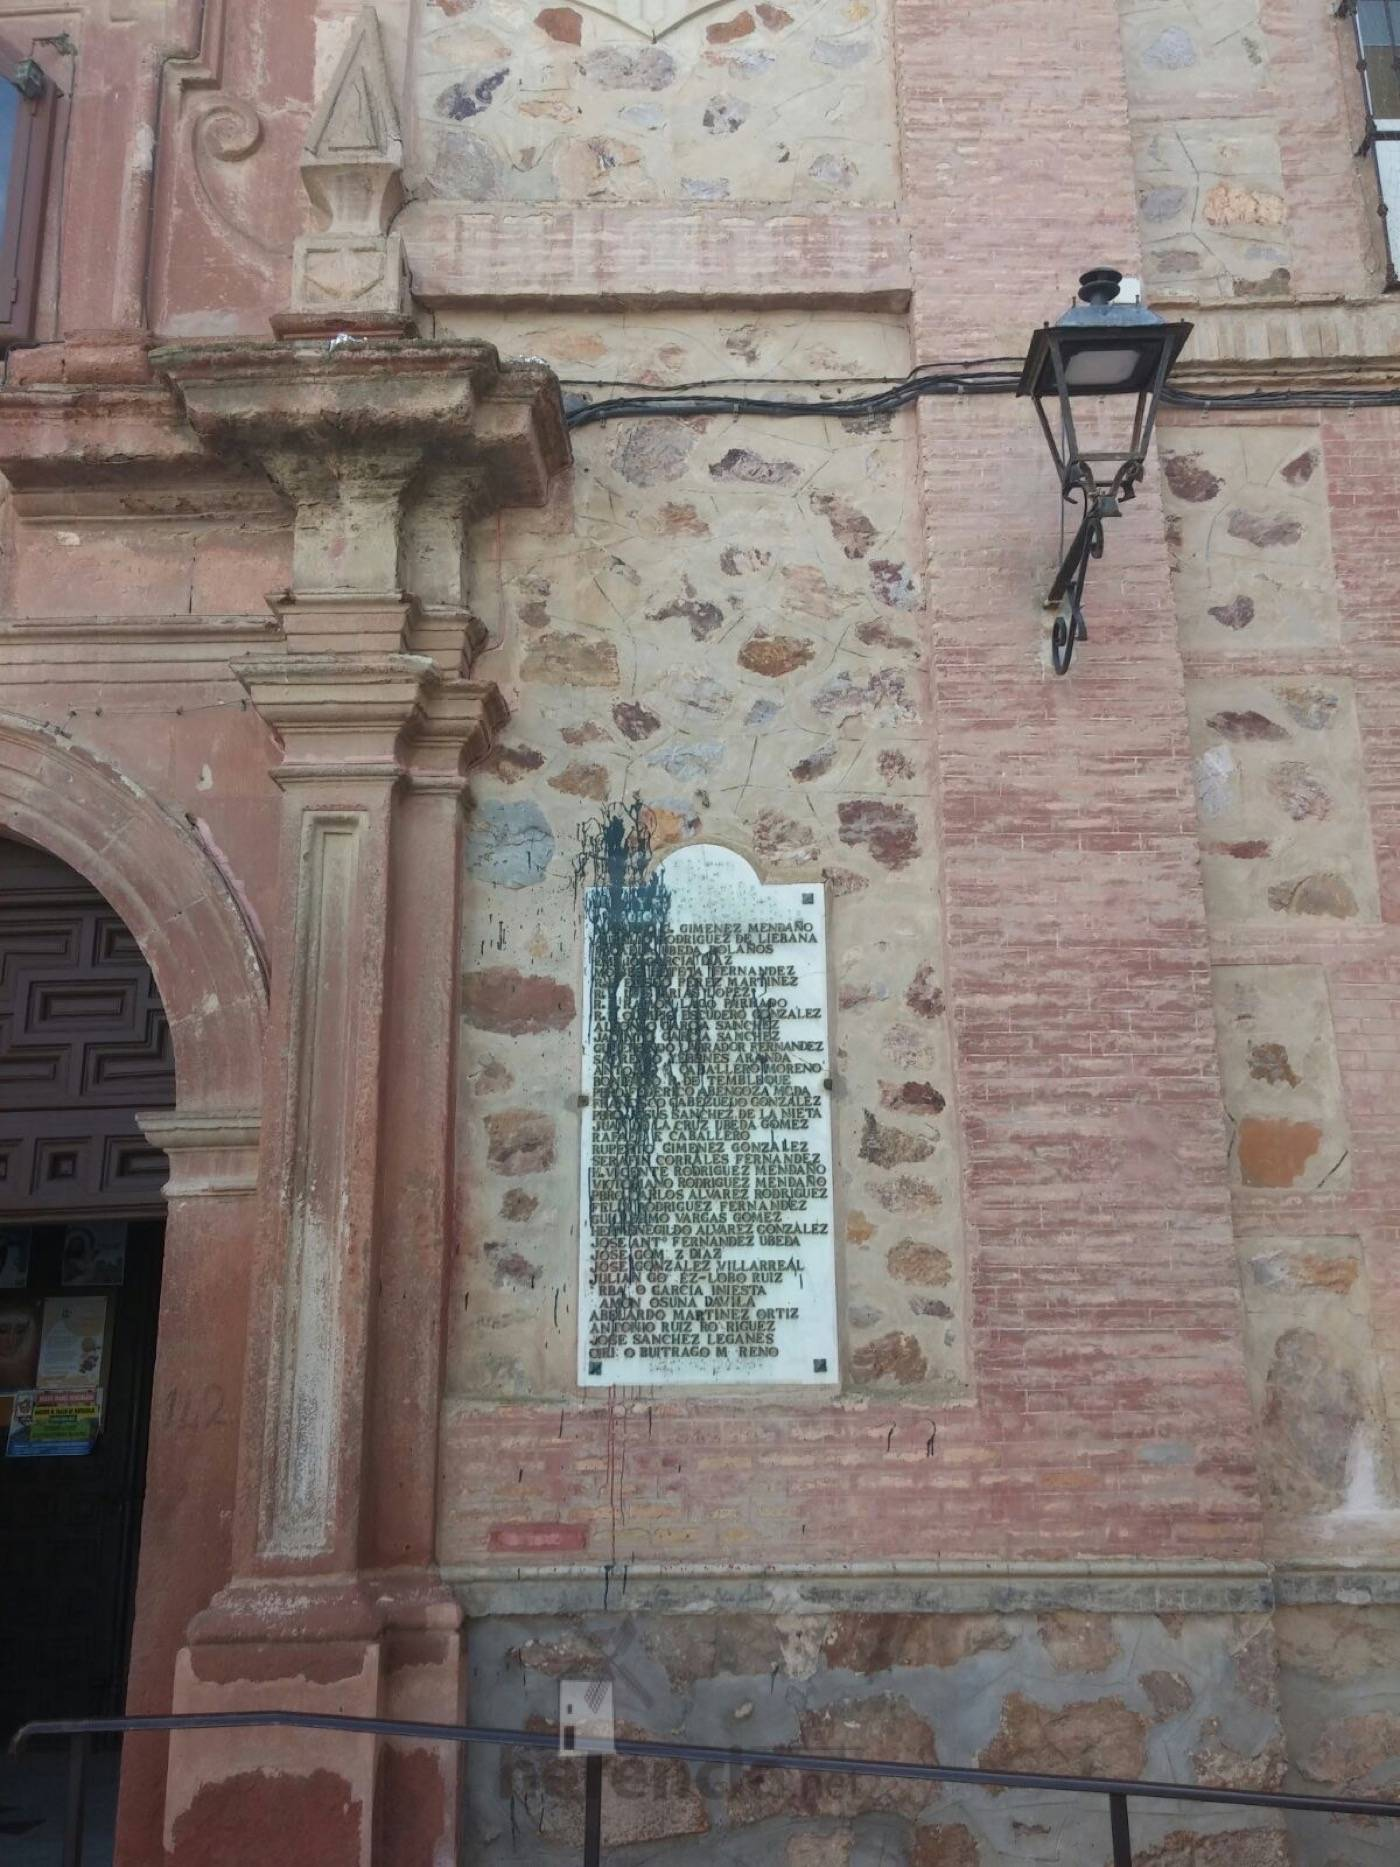 placas en memoria a los caidos en fachada del convento de herencia - 3